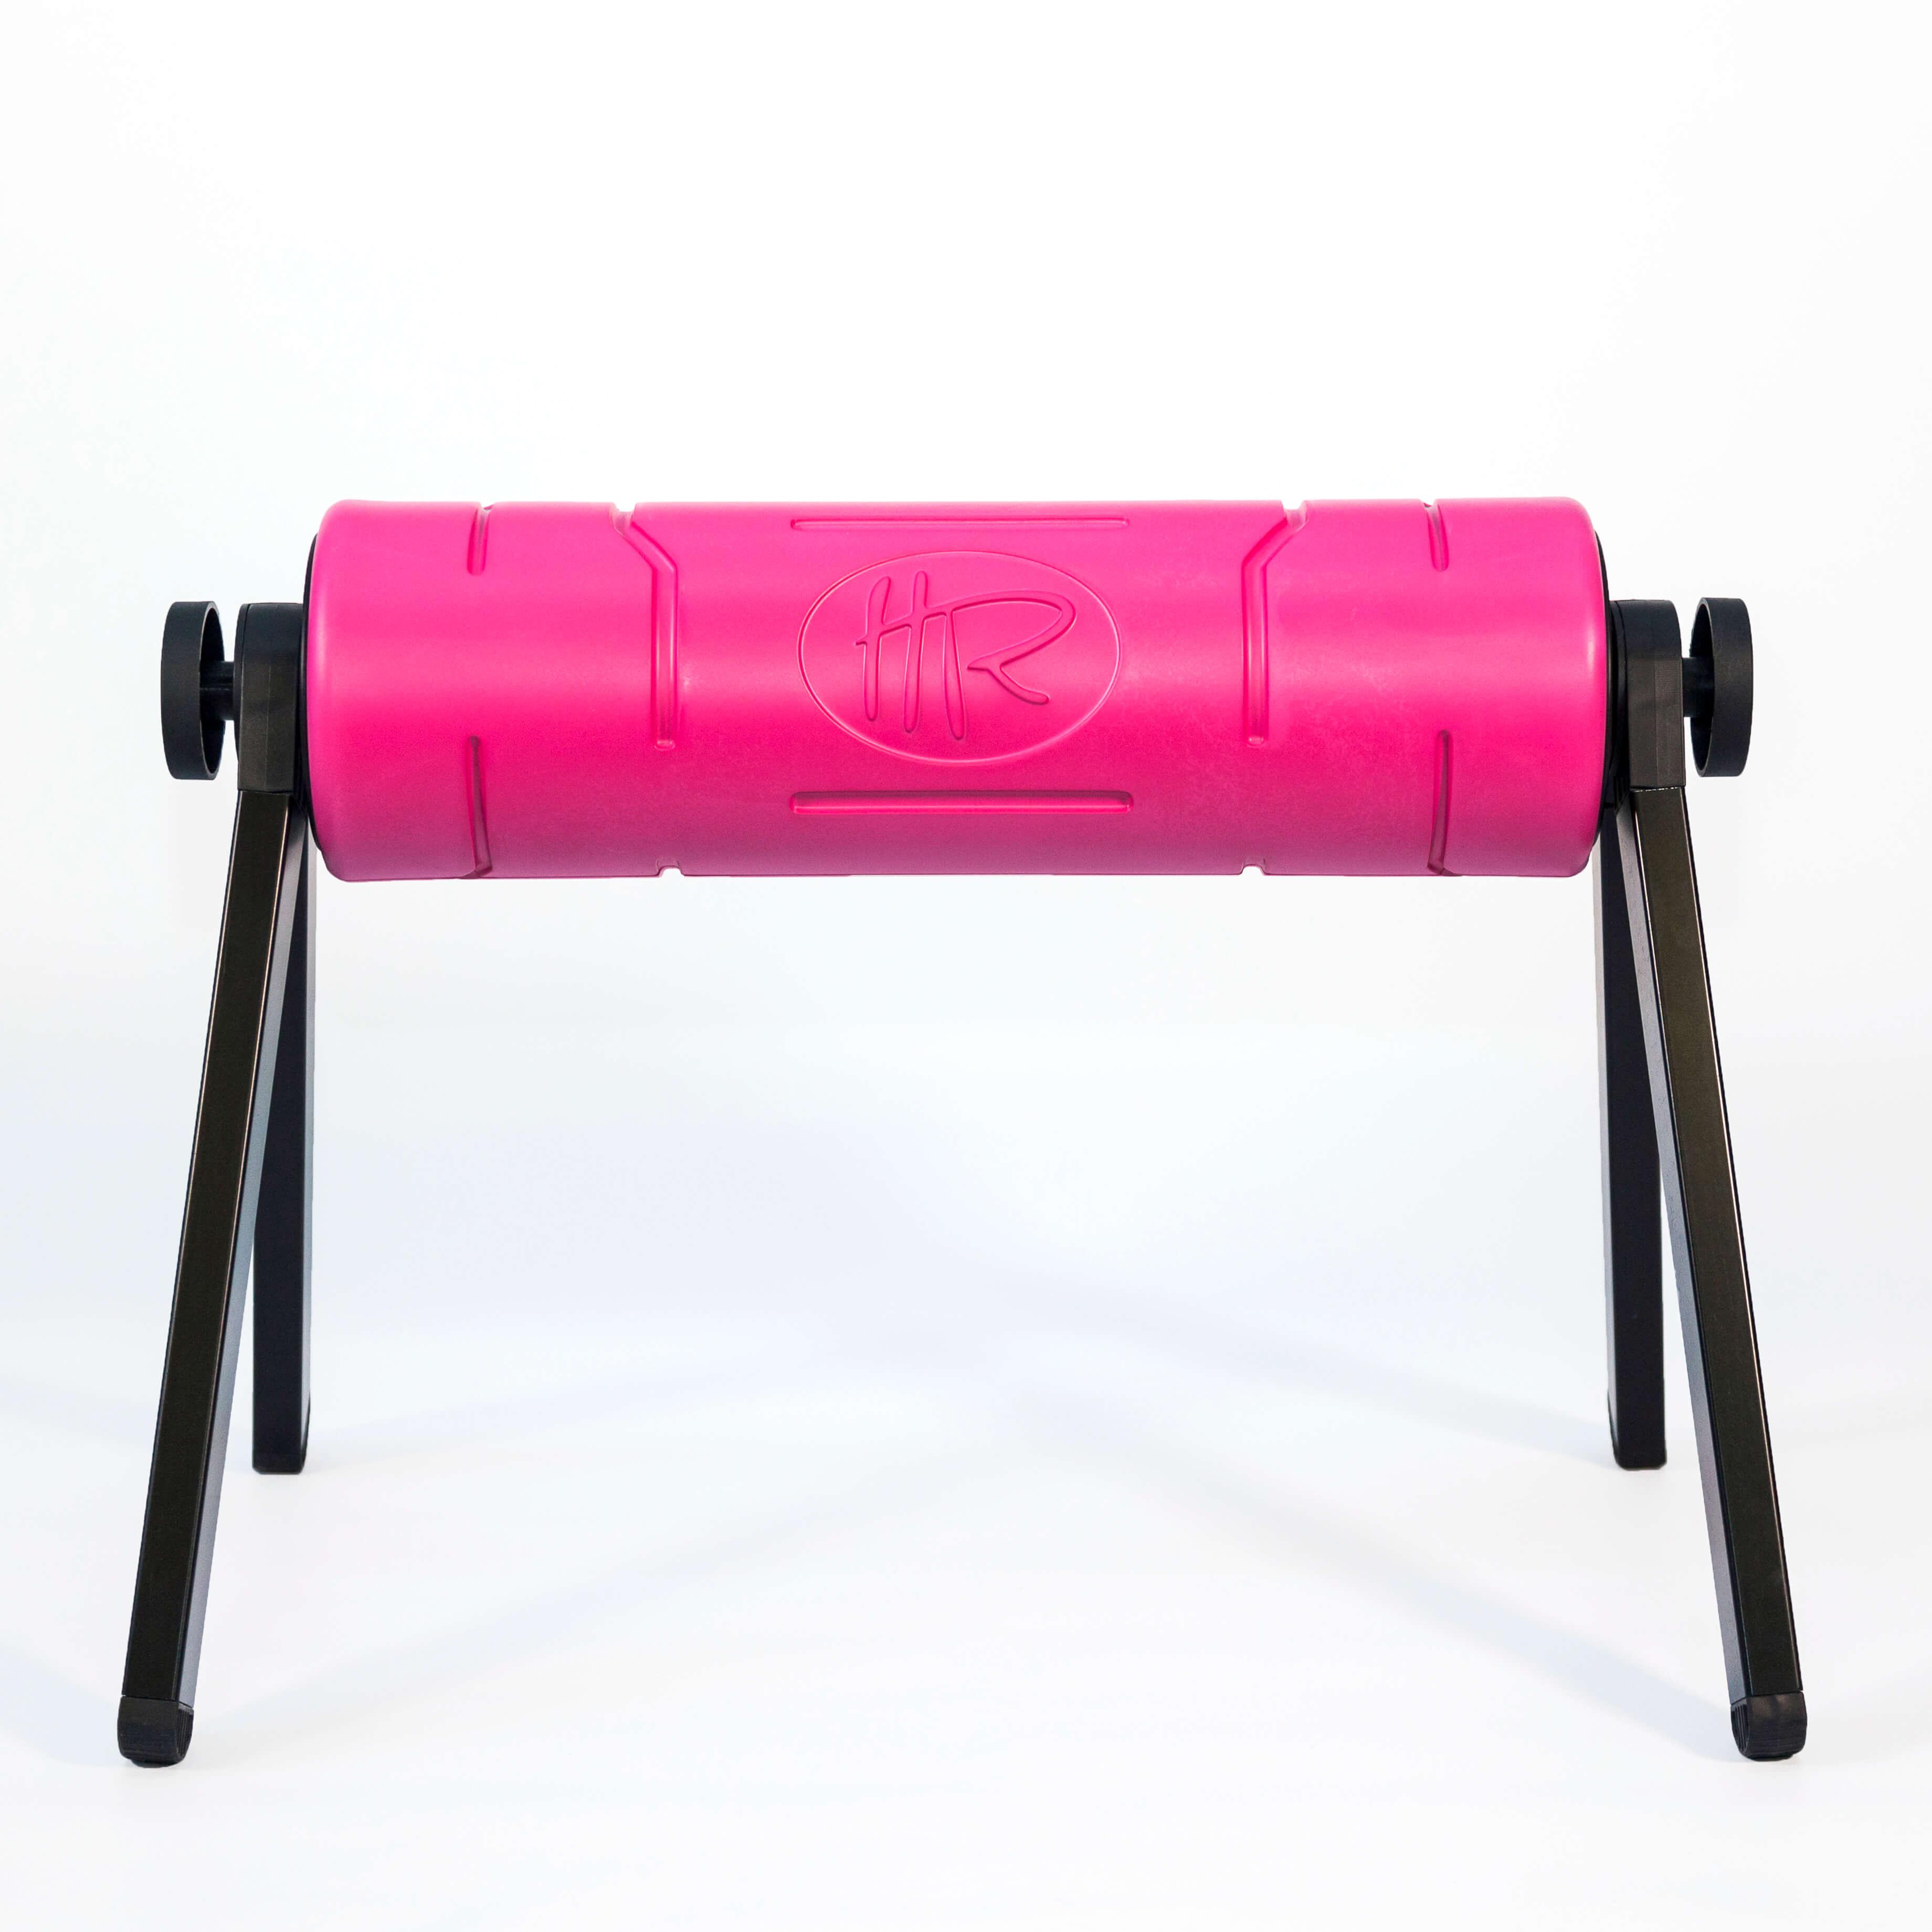 highroller2_pink01